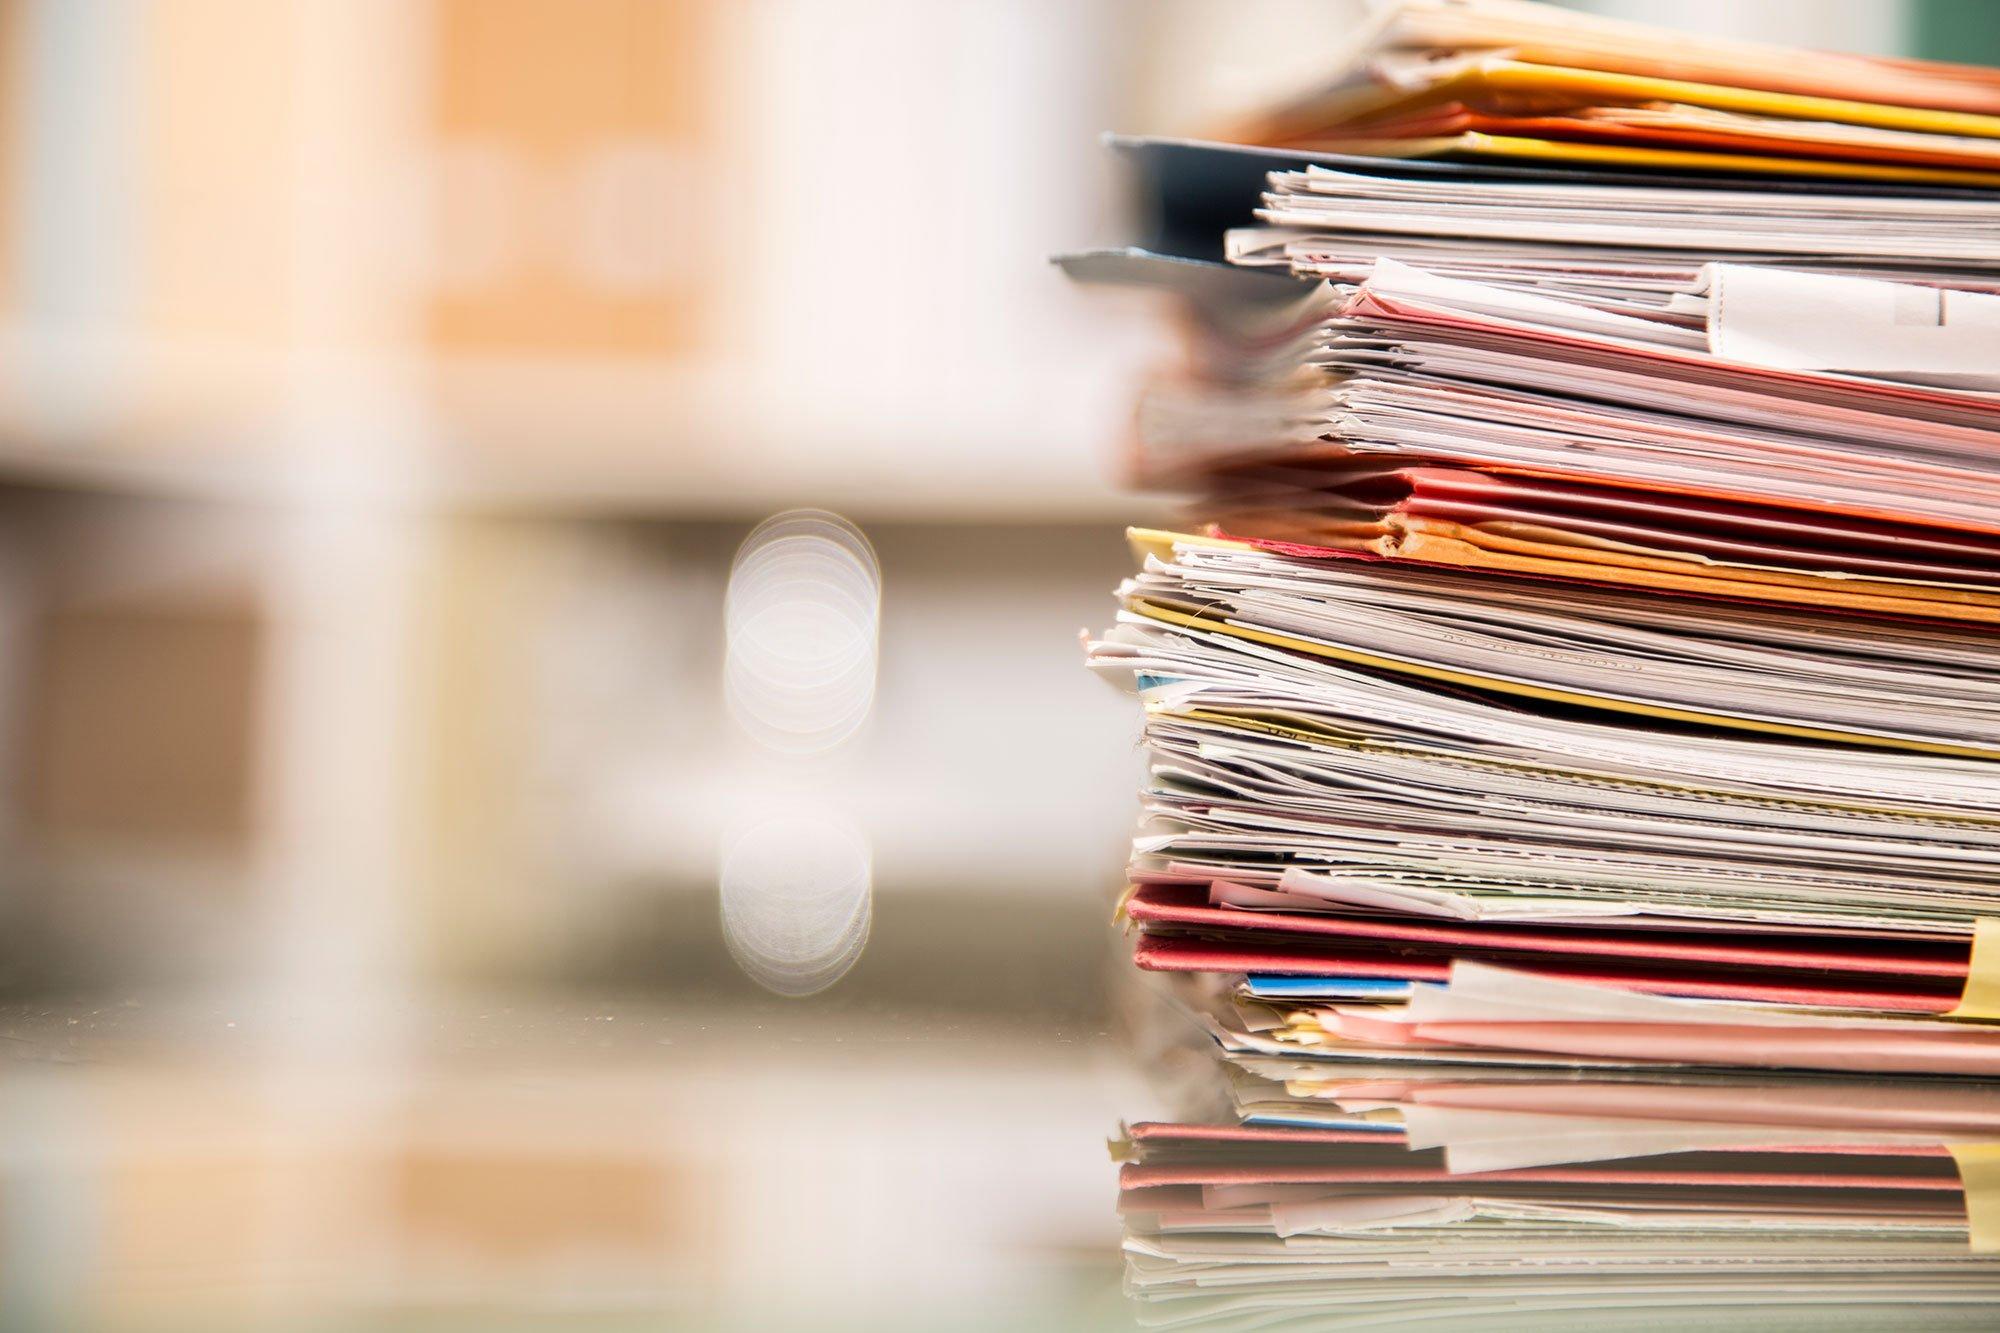 files-large